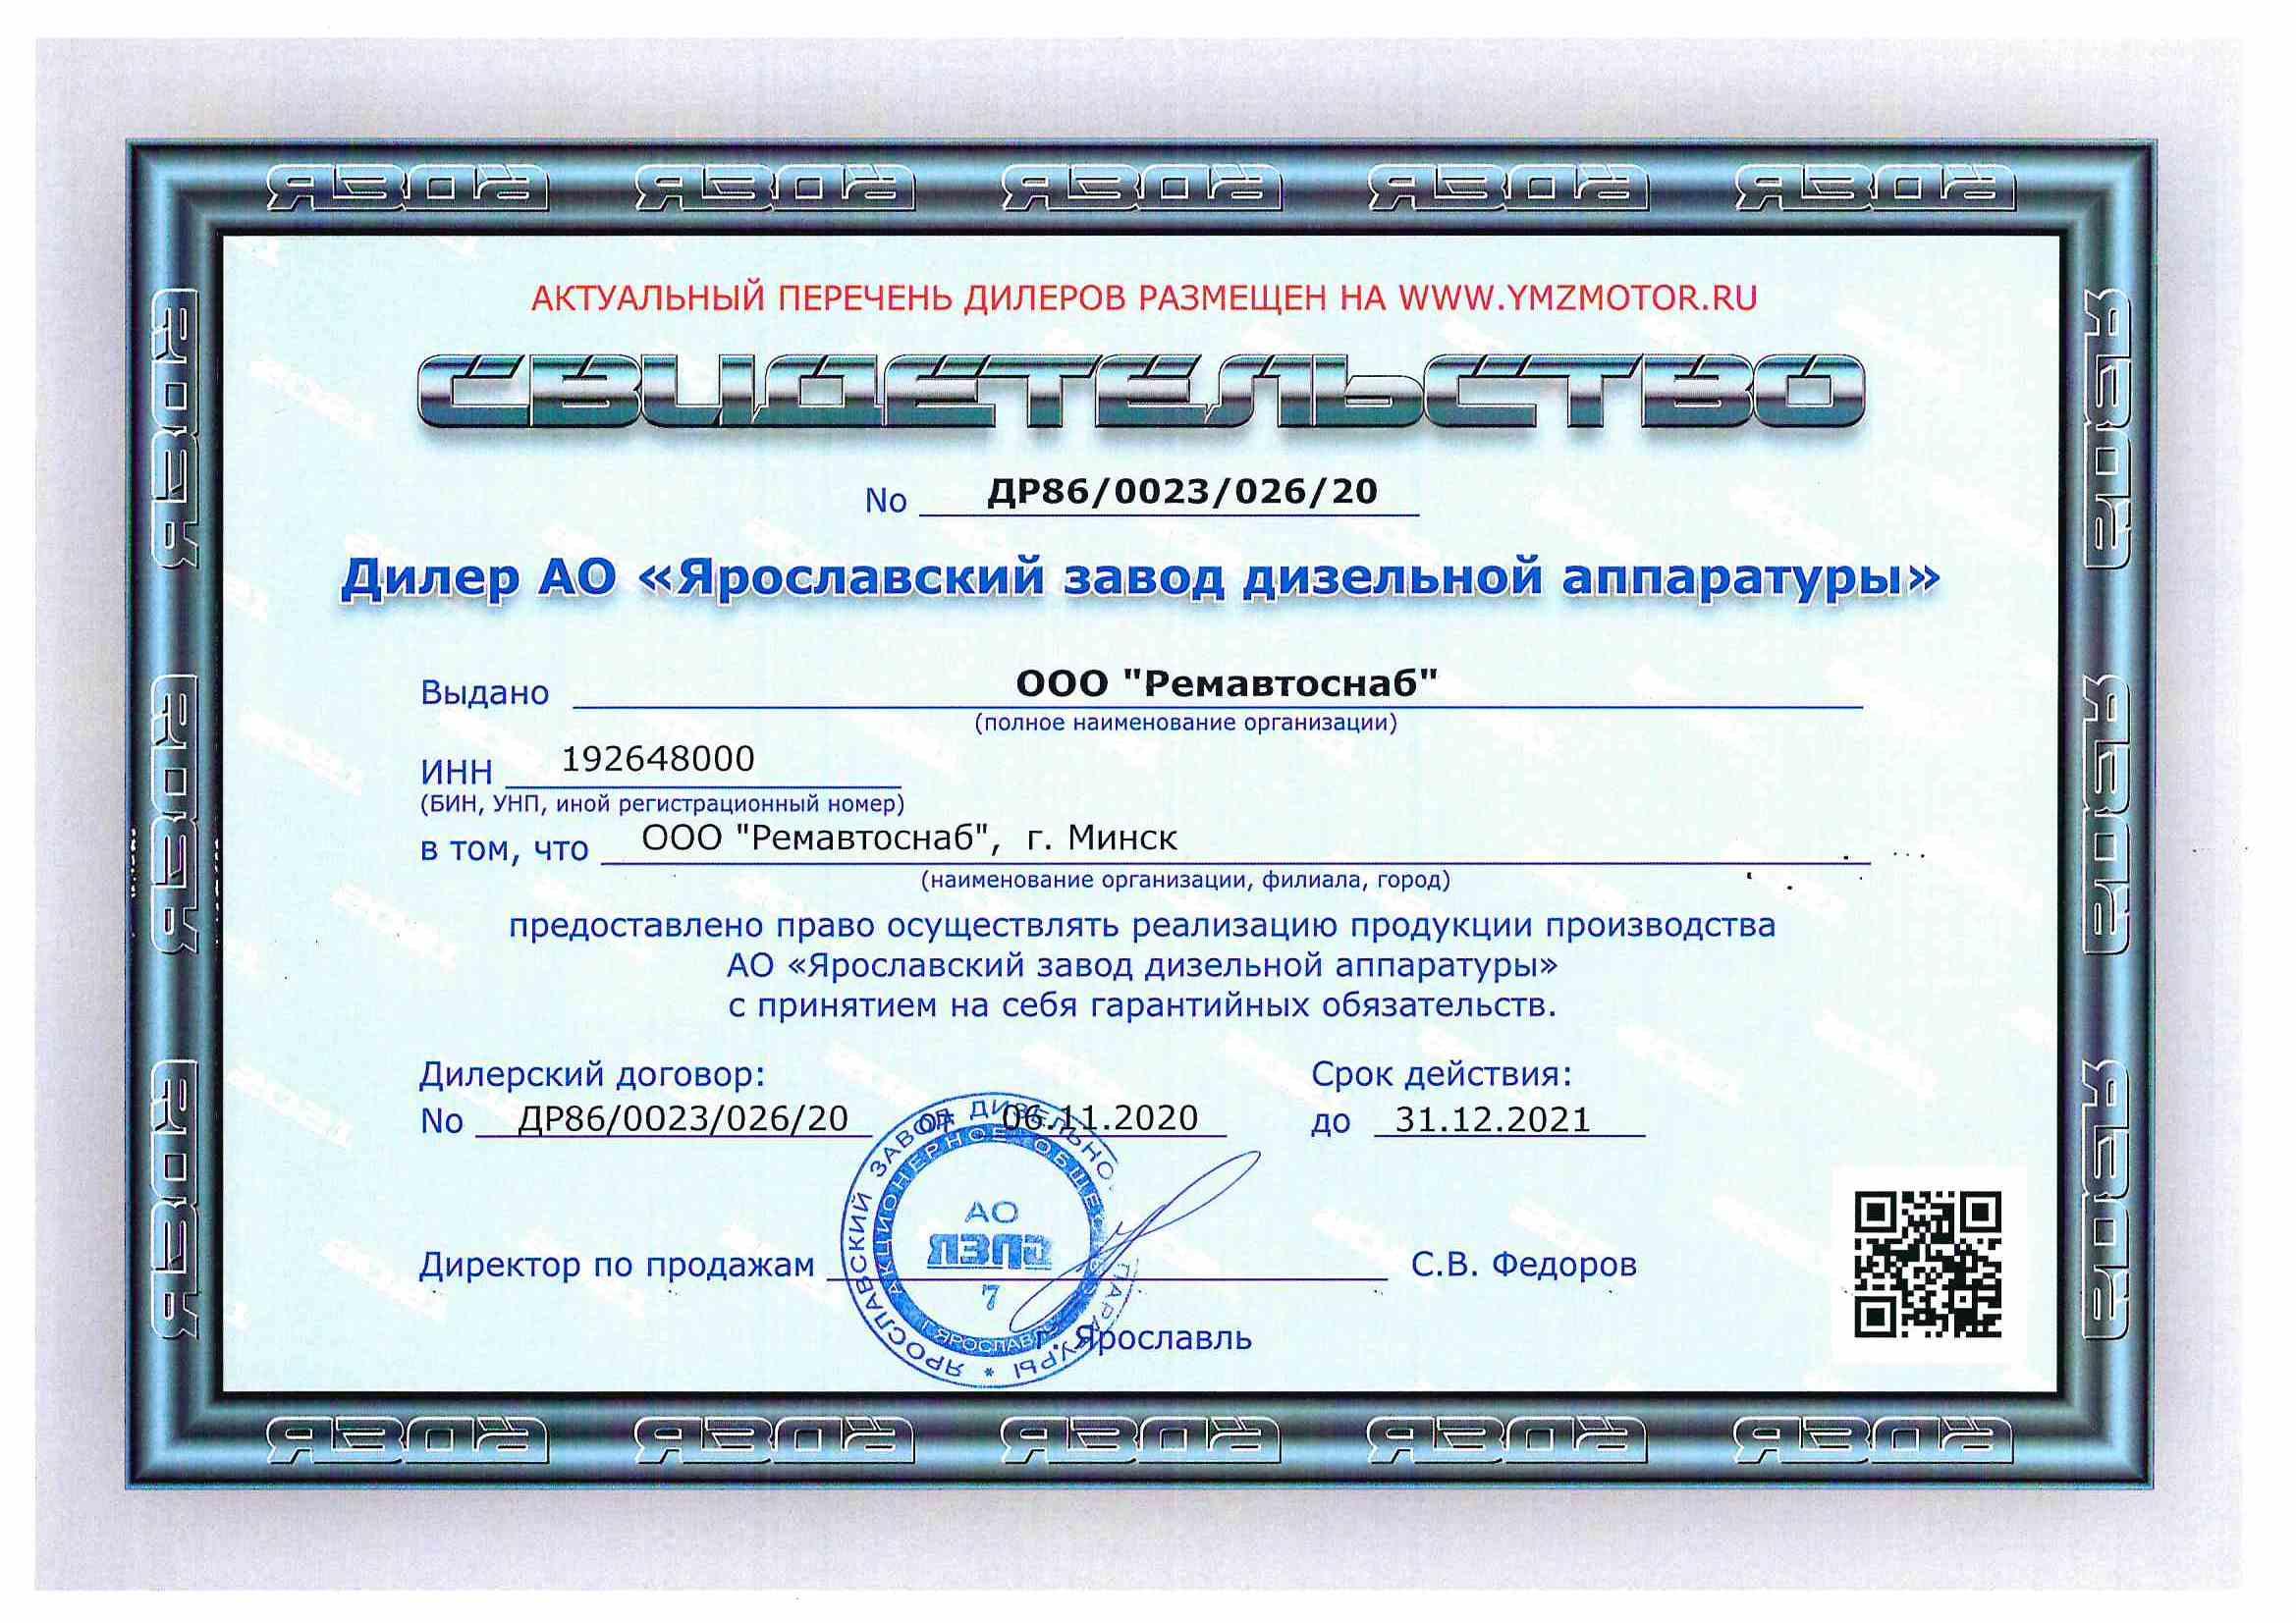 Дилер АО «Ярославский завод дизельной аппаратуры»